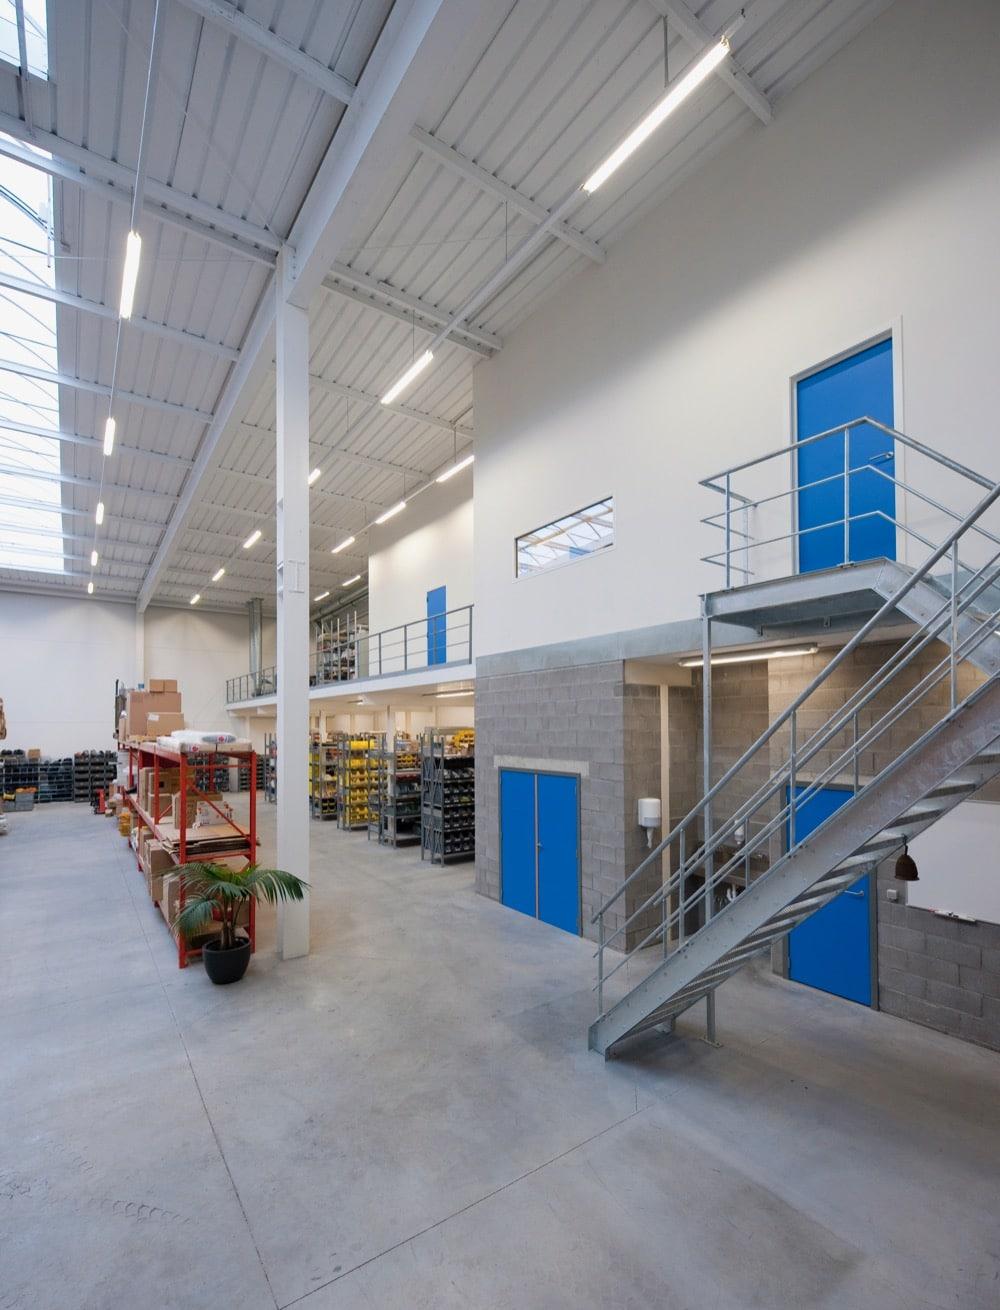 ati 6 | Baeyens & Beck architecten Gent | architect nieuwbouw renovatie interieur | high end | architectenbureau